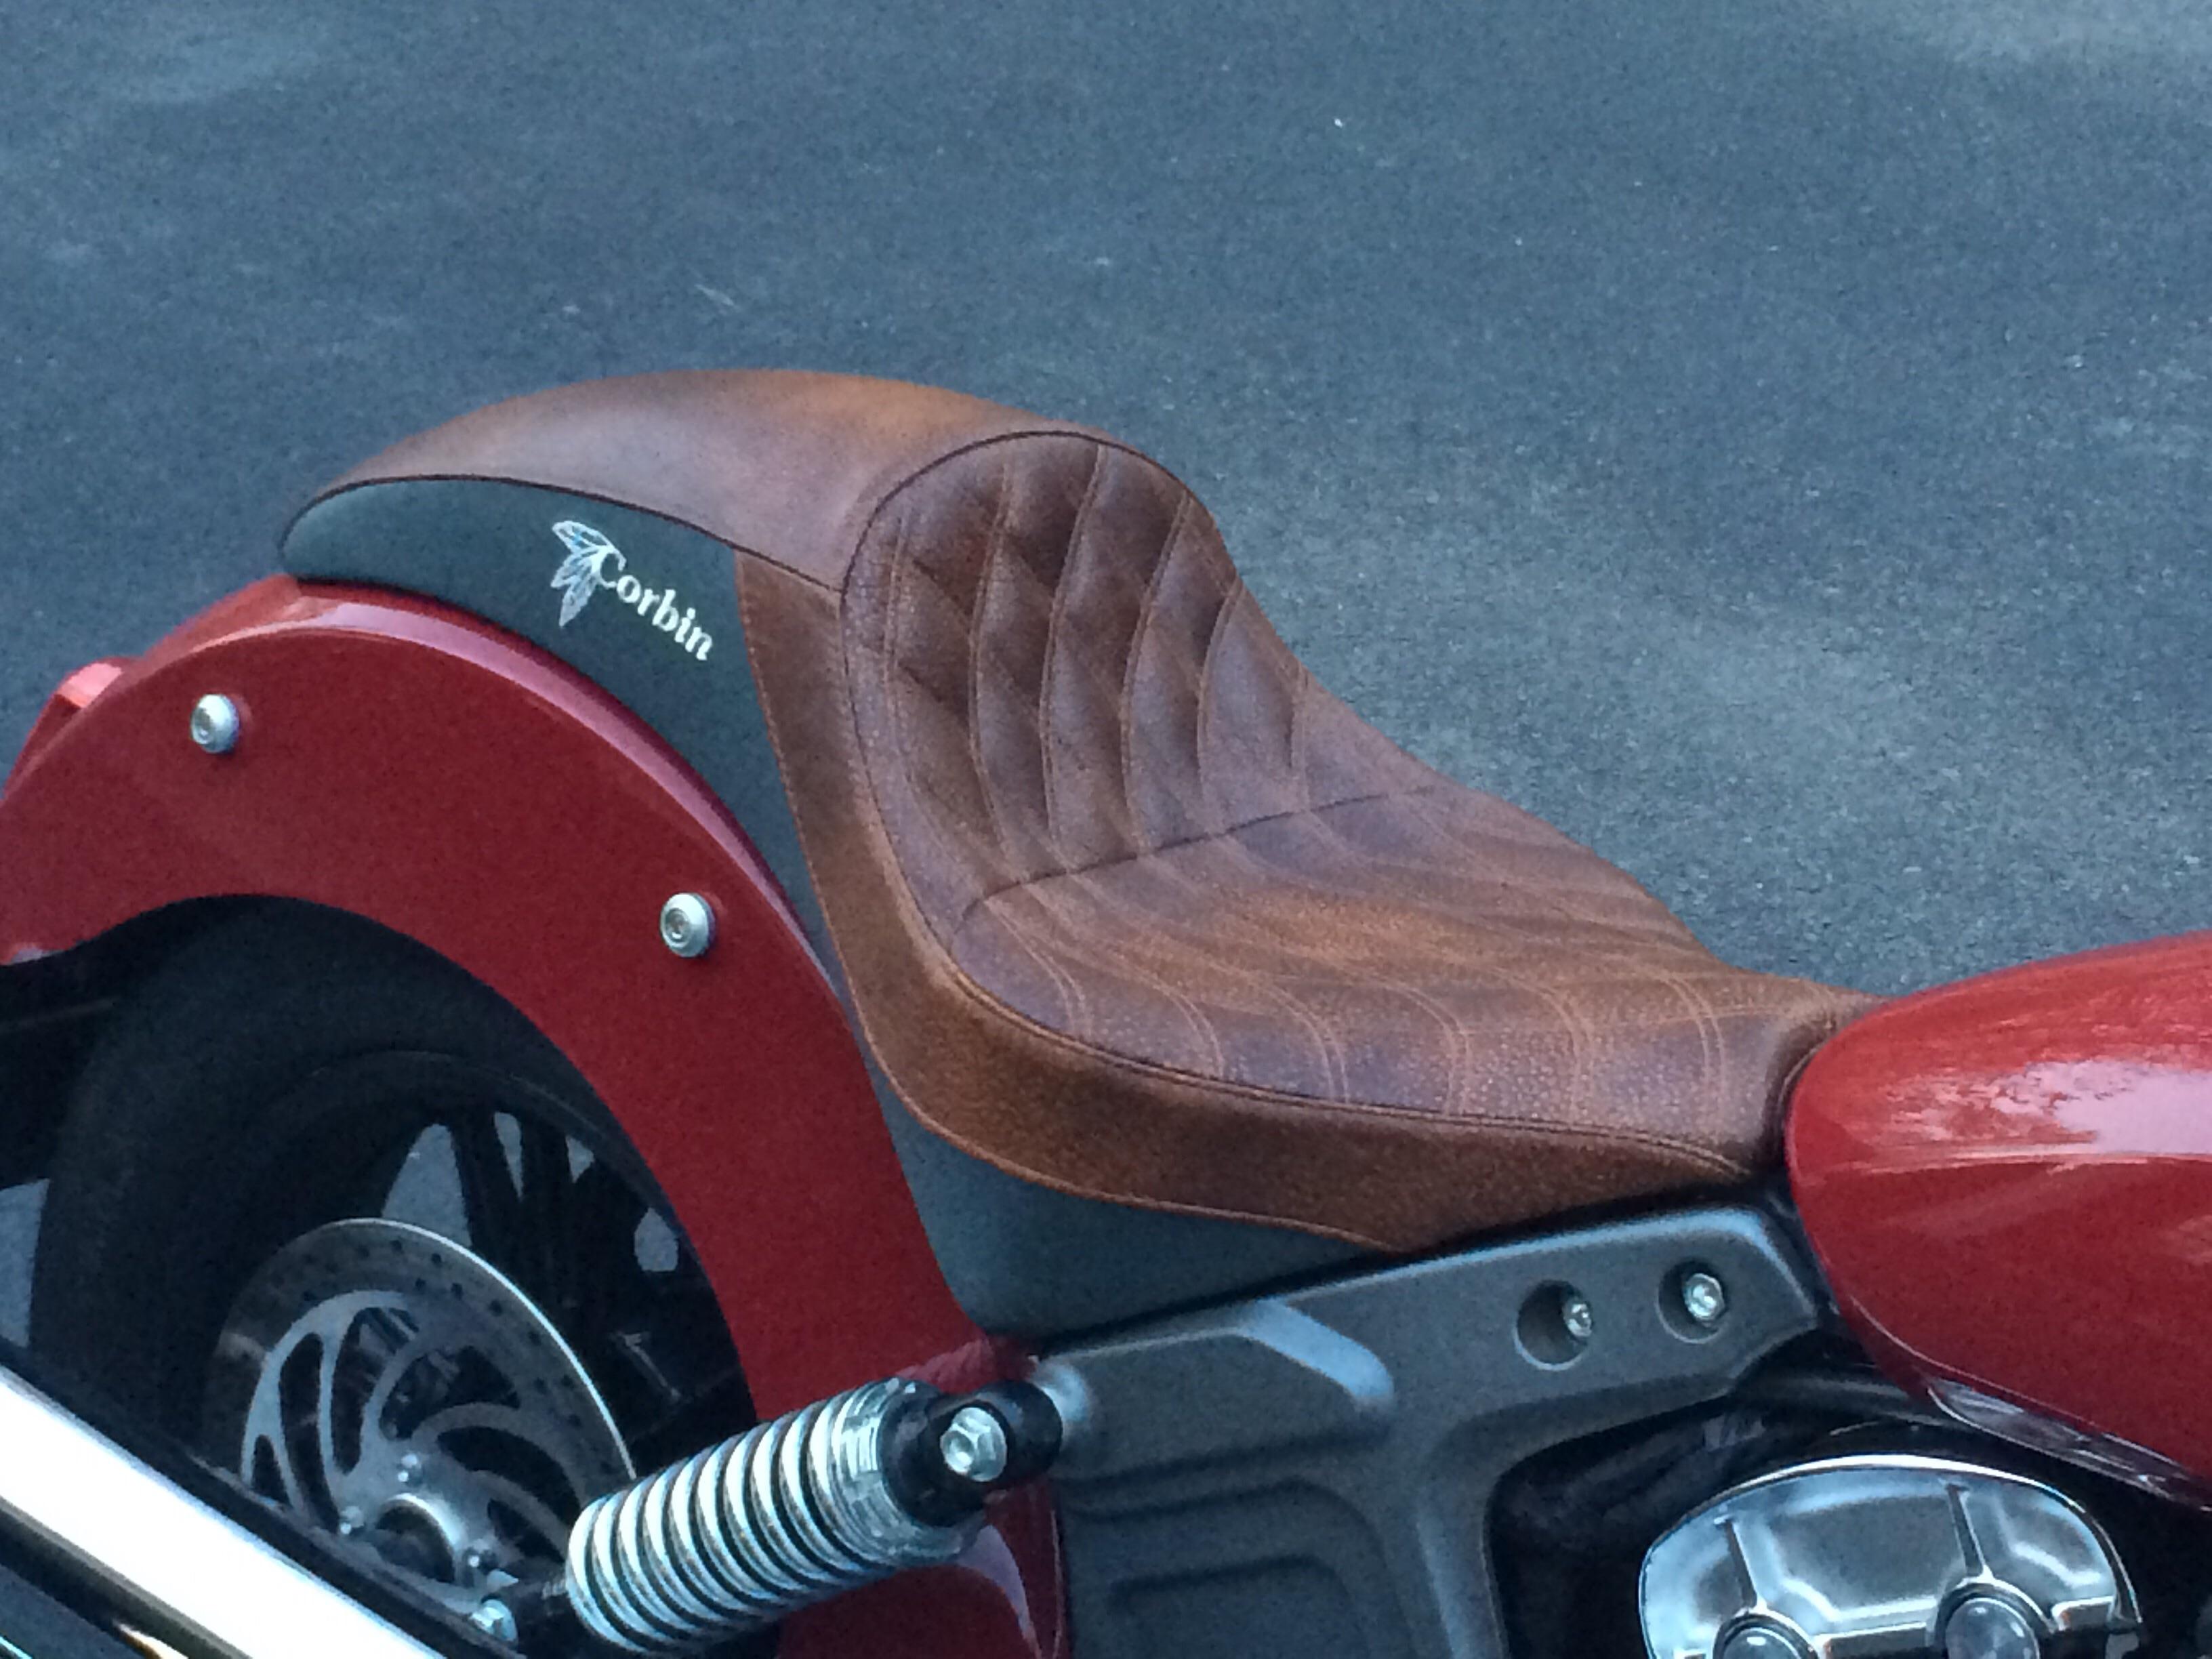 Corbin Classic Solo Seat For Scout